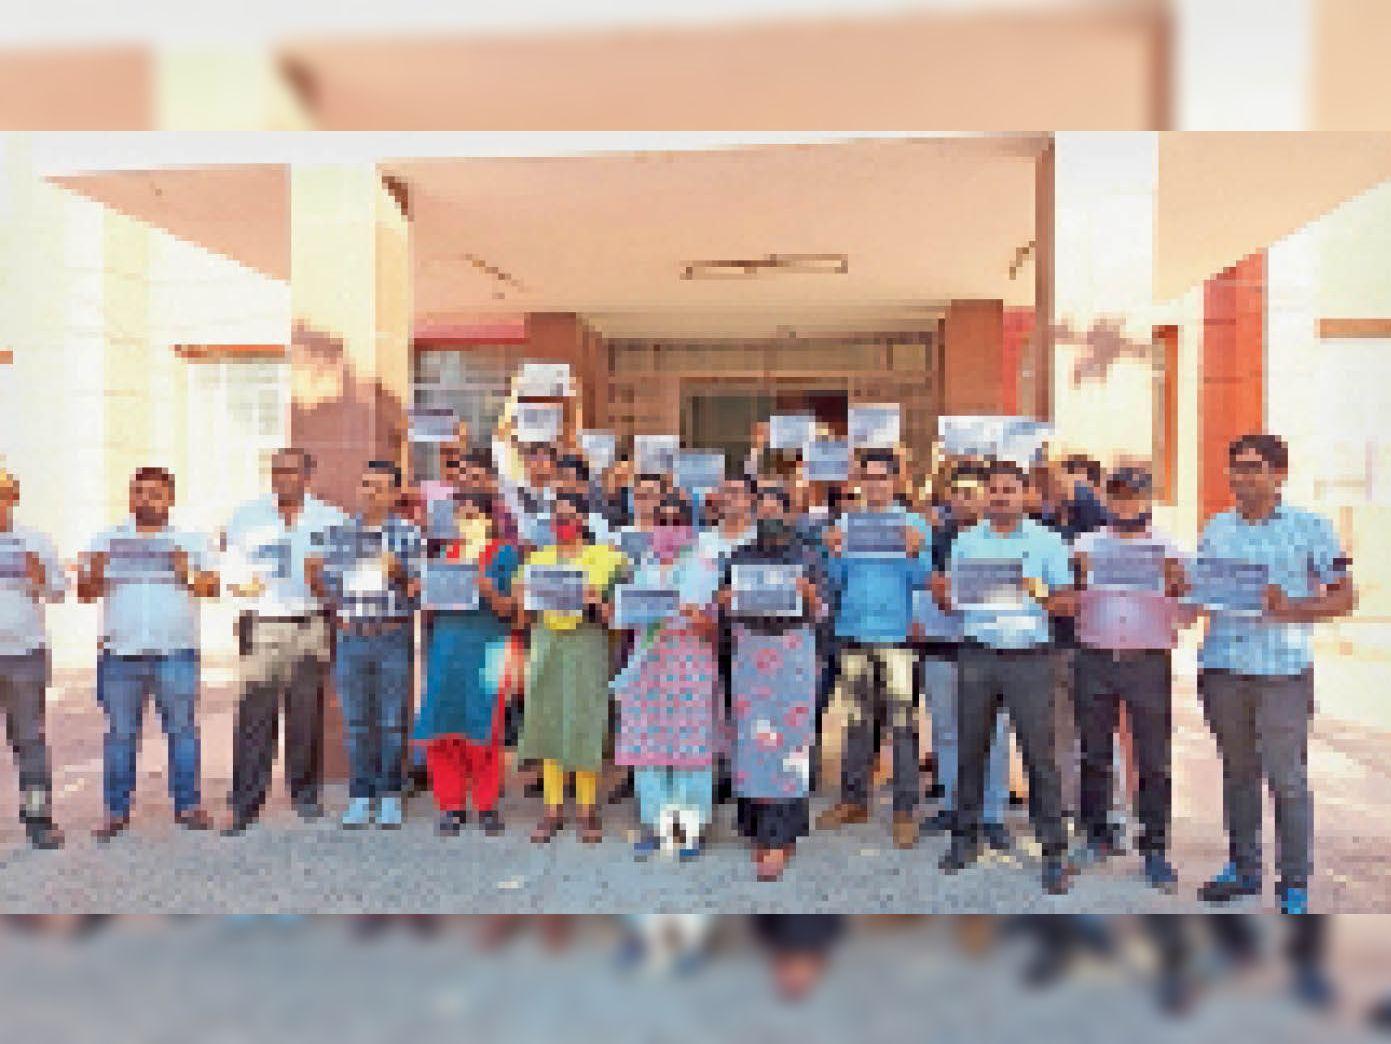 काली पट्टी बांधकर ऑफिस पहुंचे टैक्स ऑफिसर, कमिश्नर के आगे विरोध, सीएम के नाम ज्ञापन दिया बीकानेर,Bikaner - Dainik Bhaskar